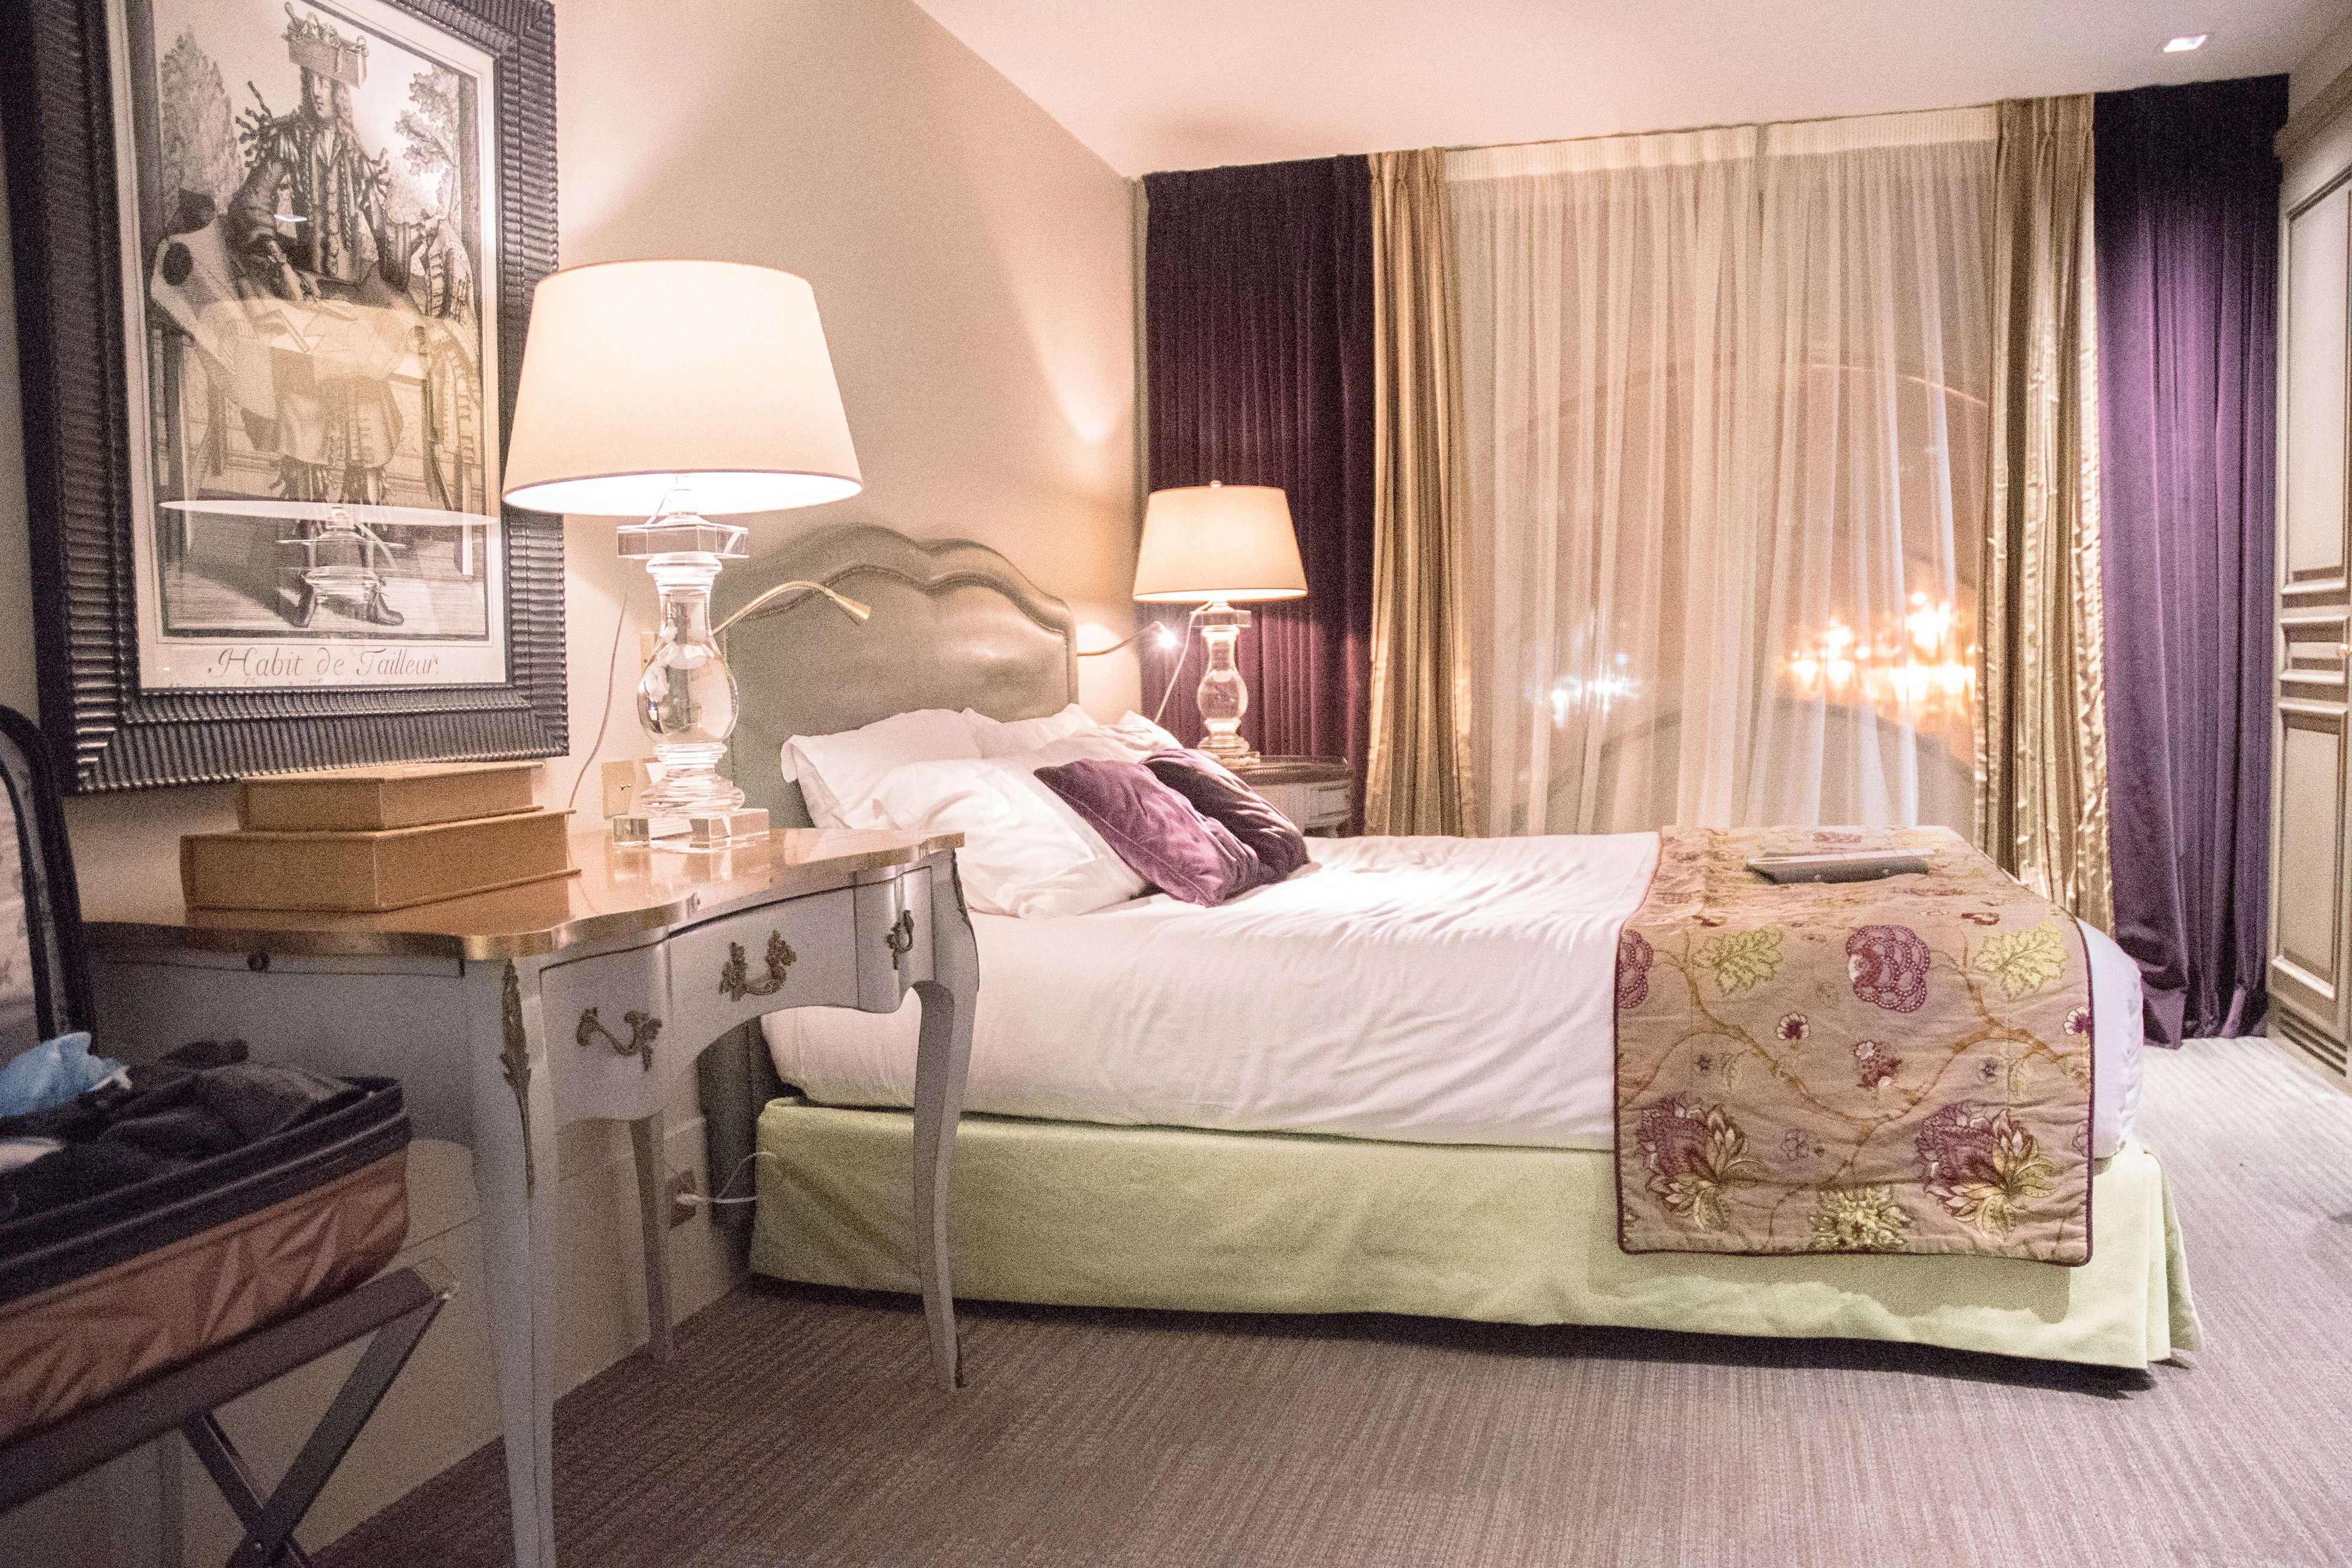 La Maison Favart La Costumière Hotel Room